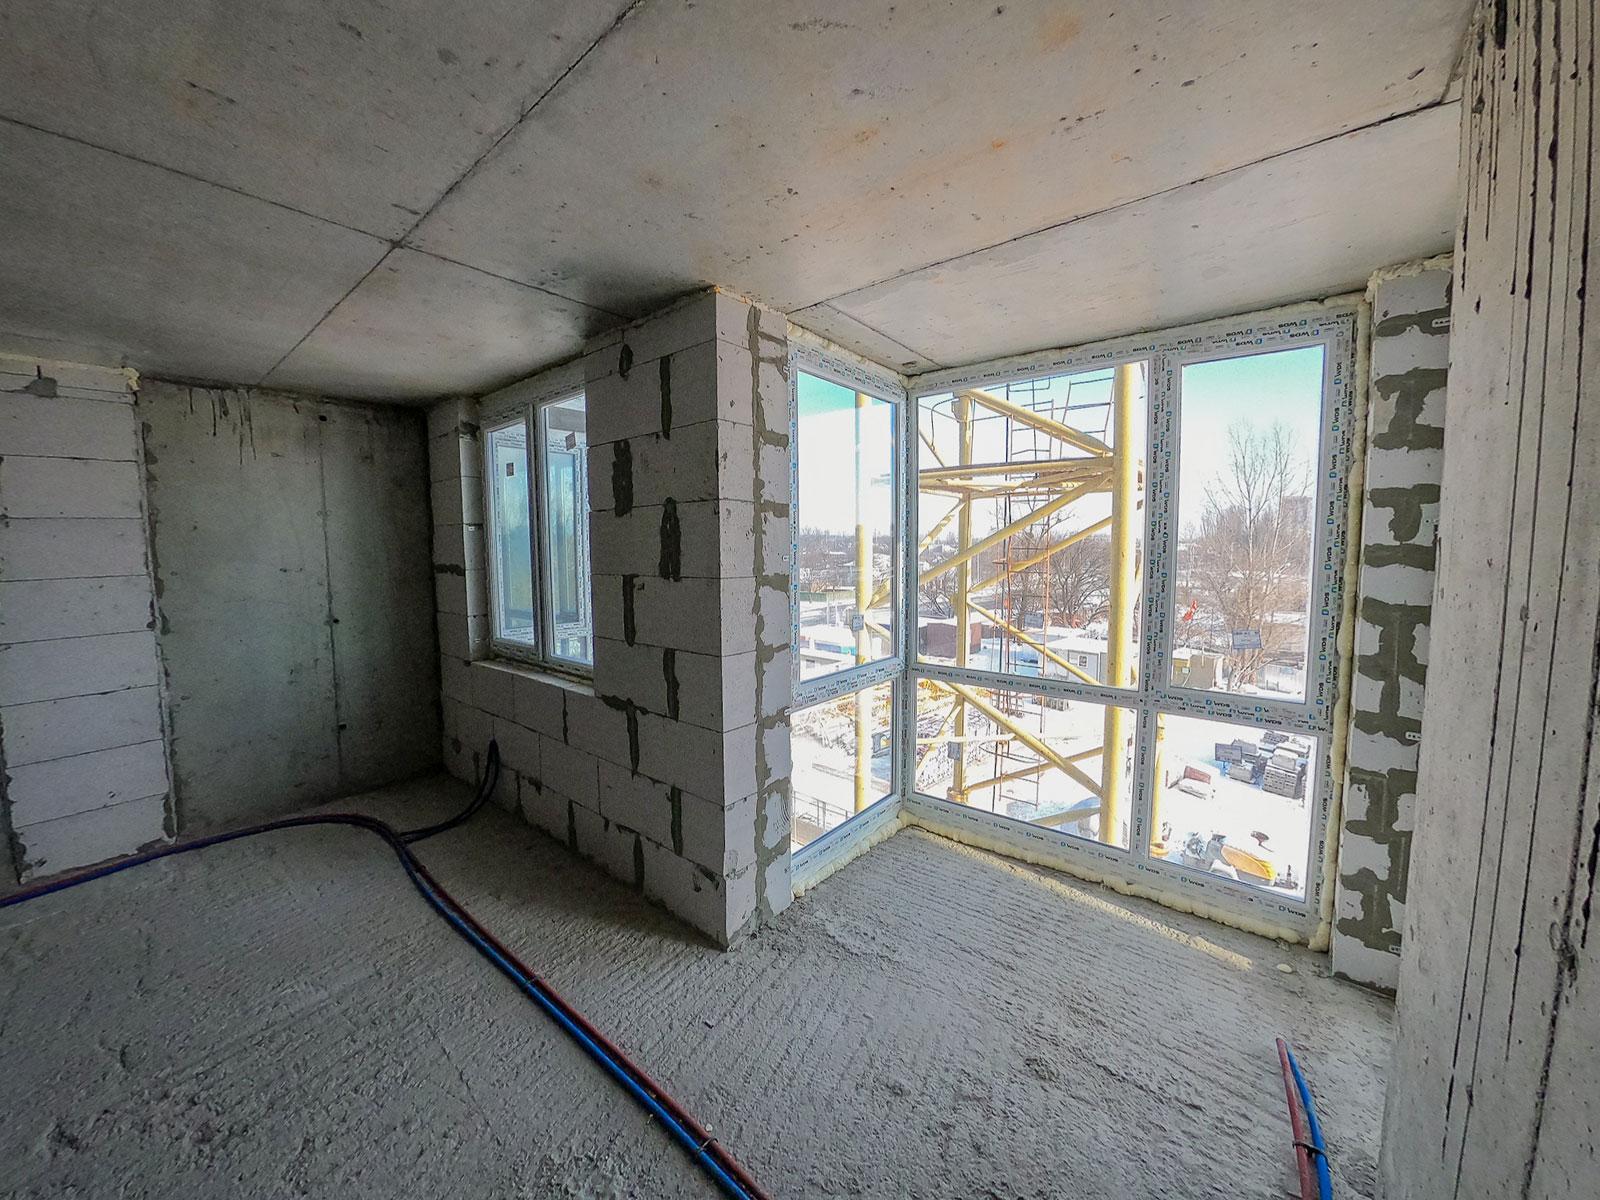 Продажа новая однокомнатная квартира планировка 1А от застройщика в ЖК 4U улица Наумова Киев. Агентство недвижимости